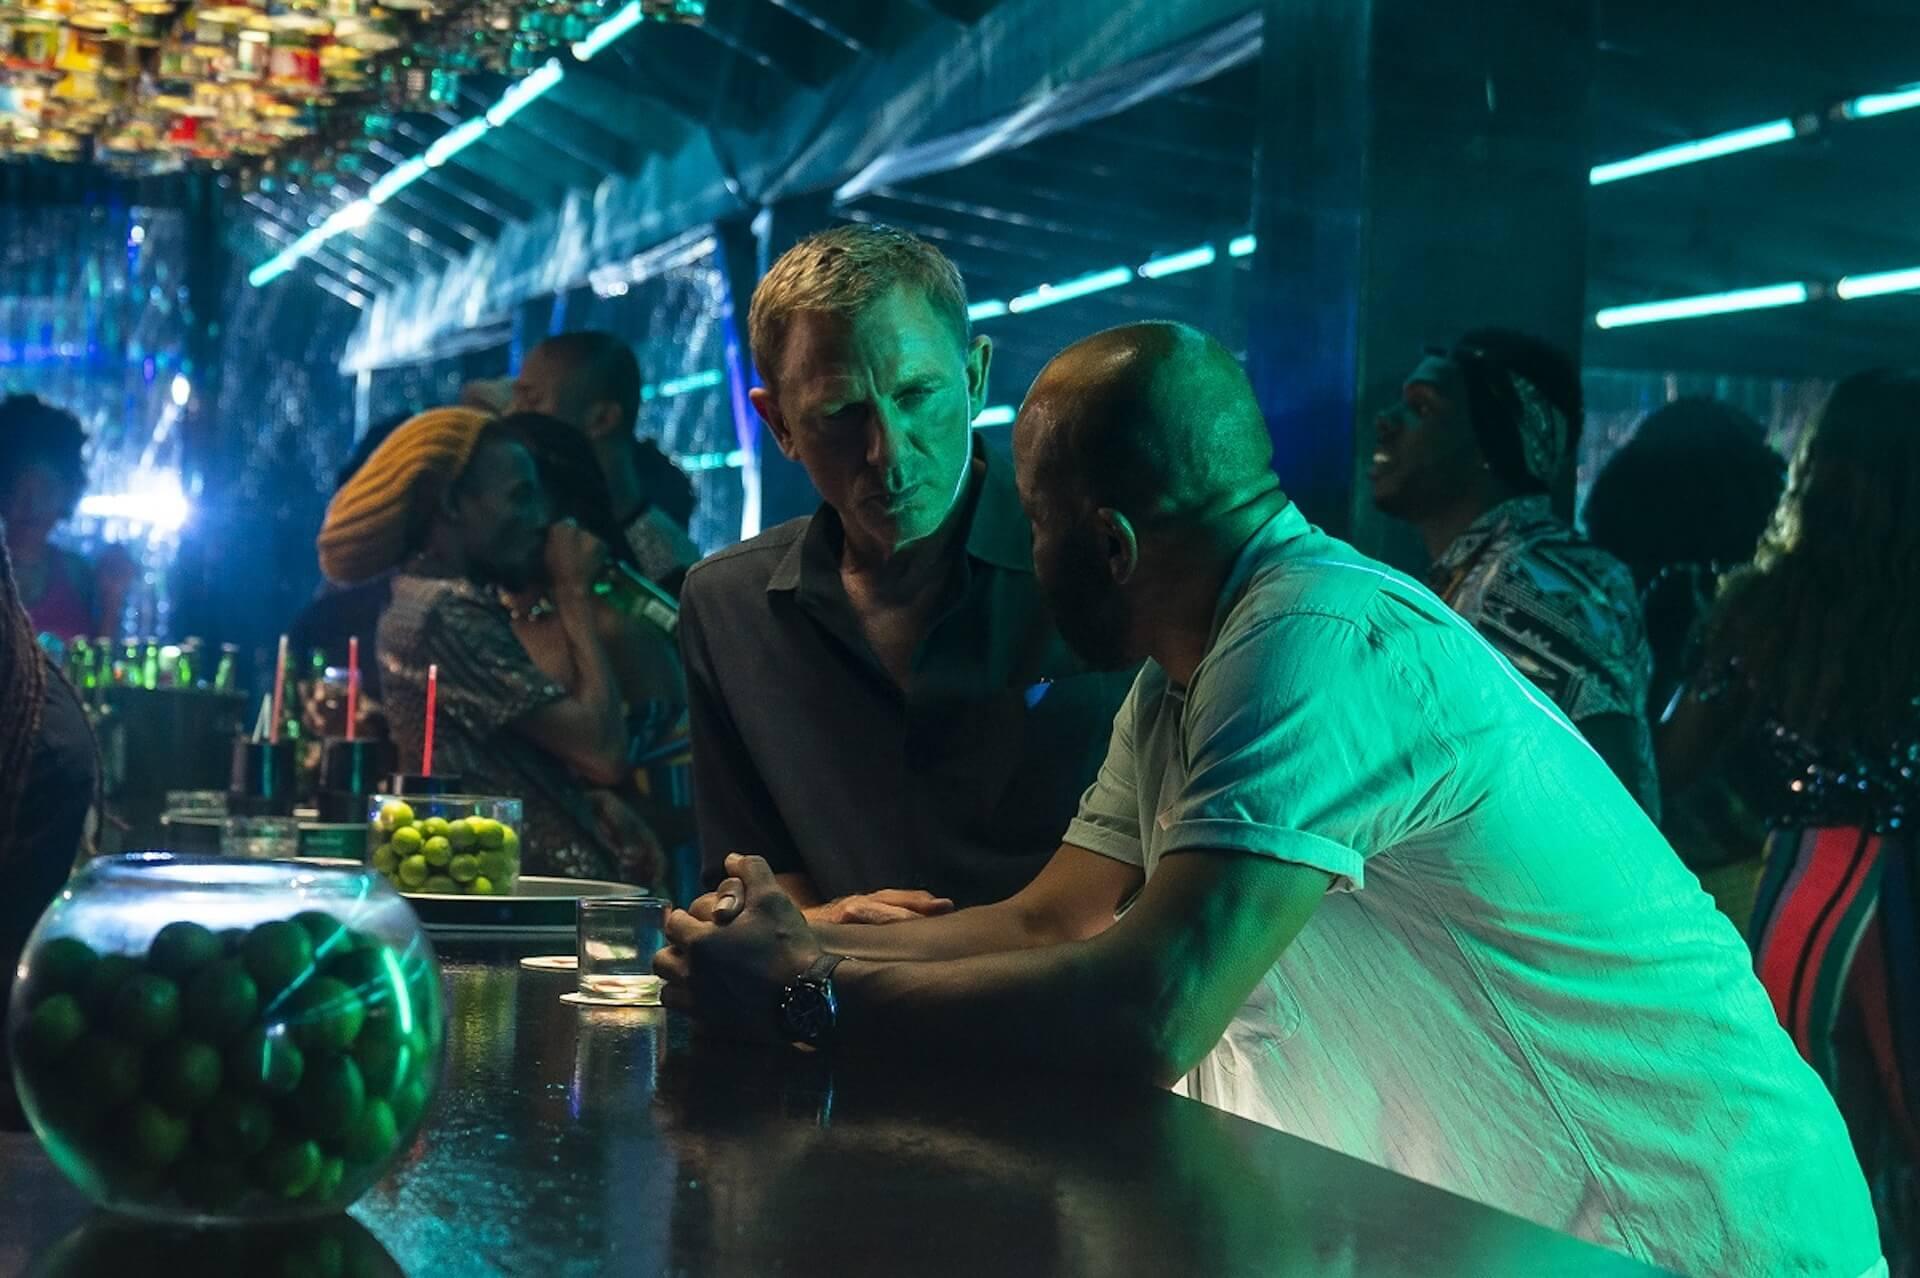 ついにジェームズ・ボンドが帰ってくる!『007/ノー・タイム・トゥ・ダイ』の新予告&日本版ポスタービジュアル解禁 film200918_007_3